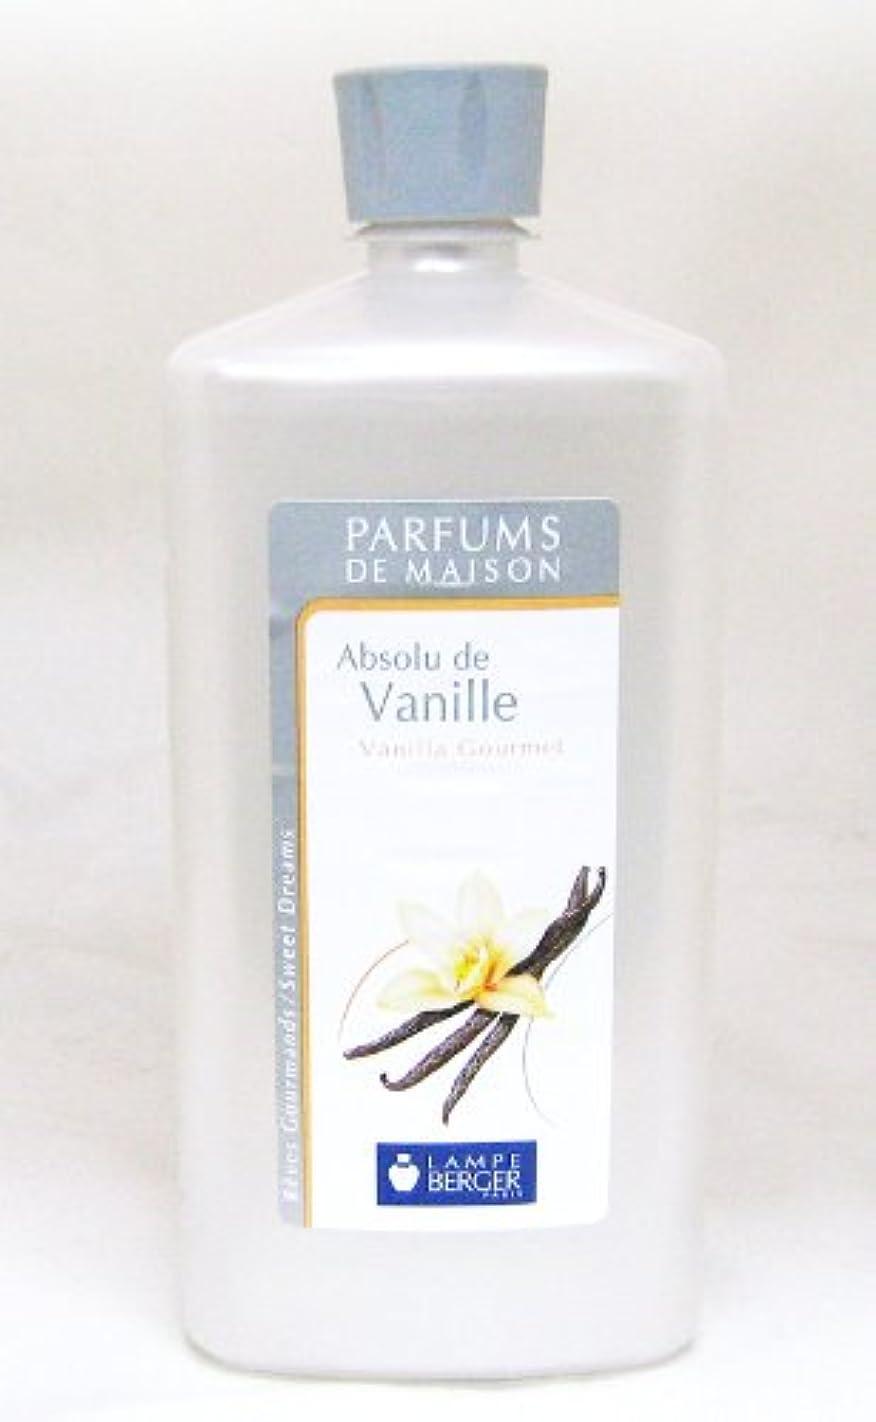 浜辺ルームガロンランプベルジェ フランス版 1000ml アロマオイル バニラ Absolu de Vanille